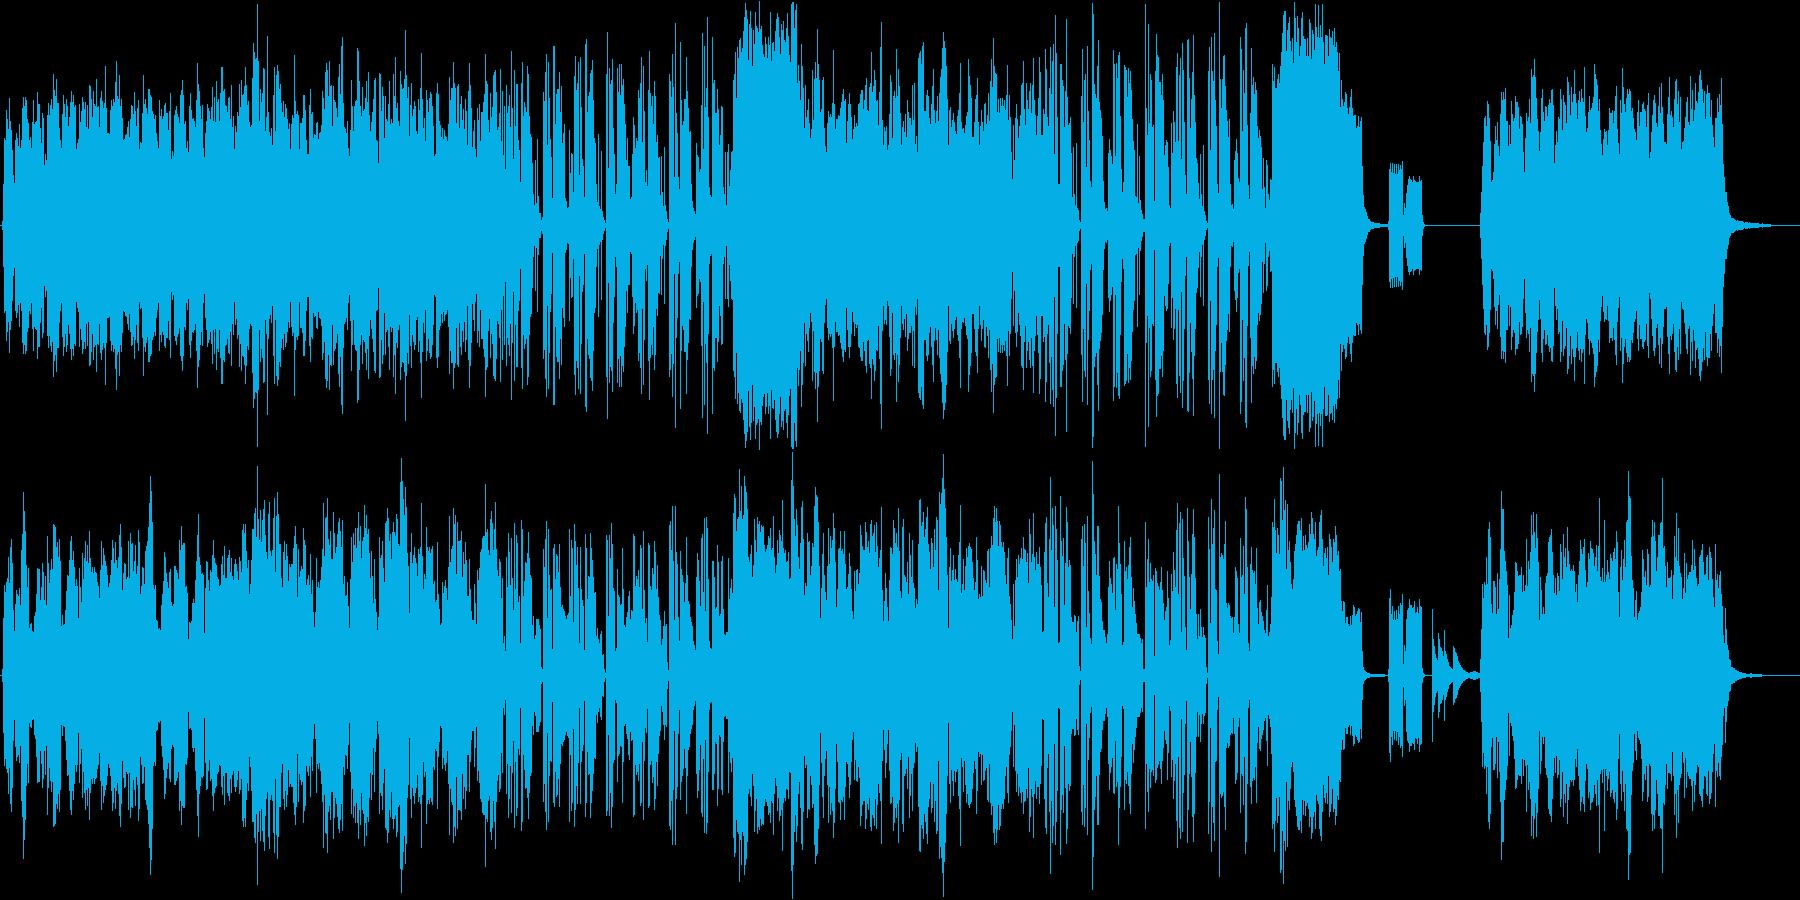 アコーディオンとリコーダーの可愛いBGMの再生済みの波形